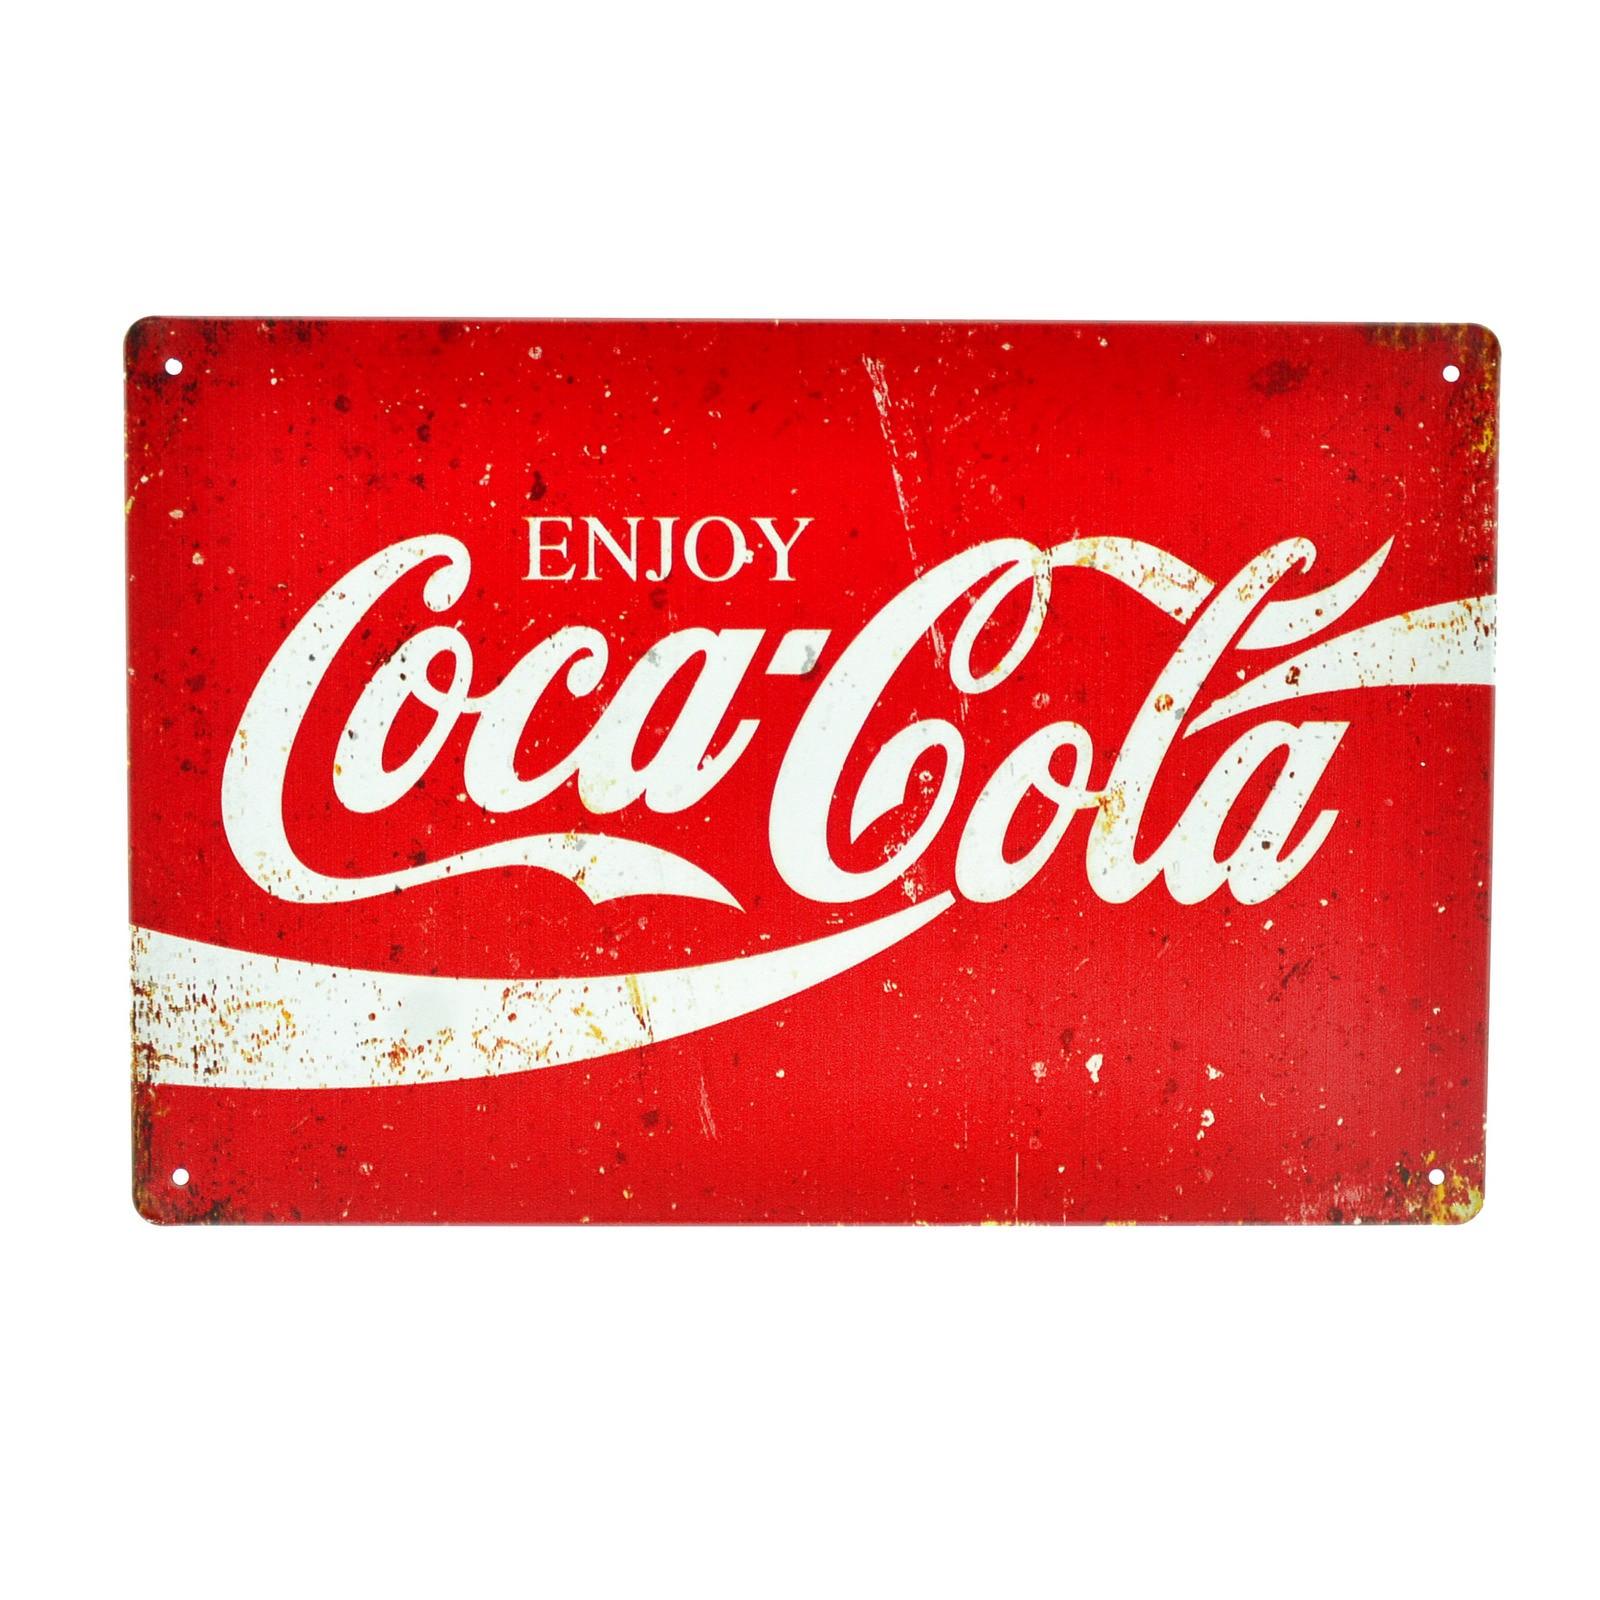 Cartel Metálico de Coca Cola logo rojo